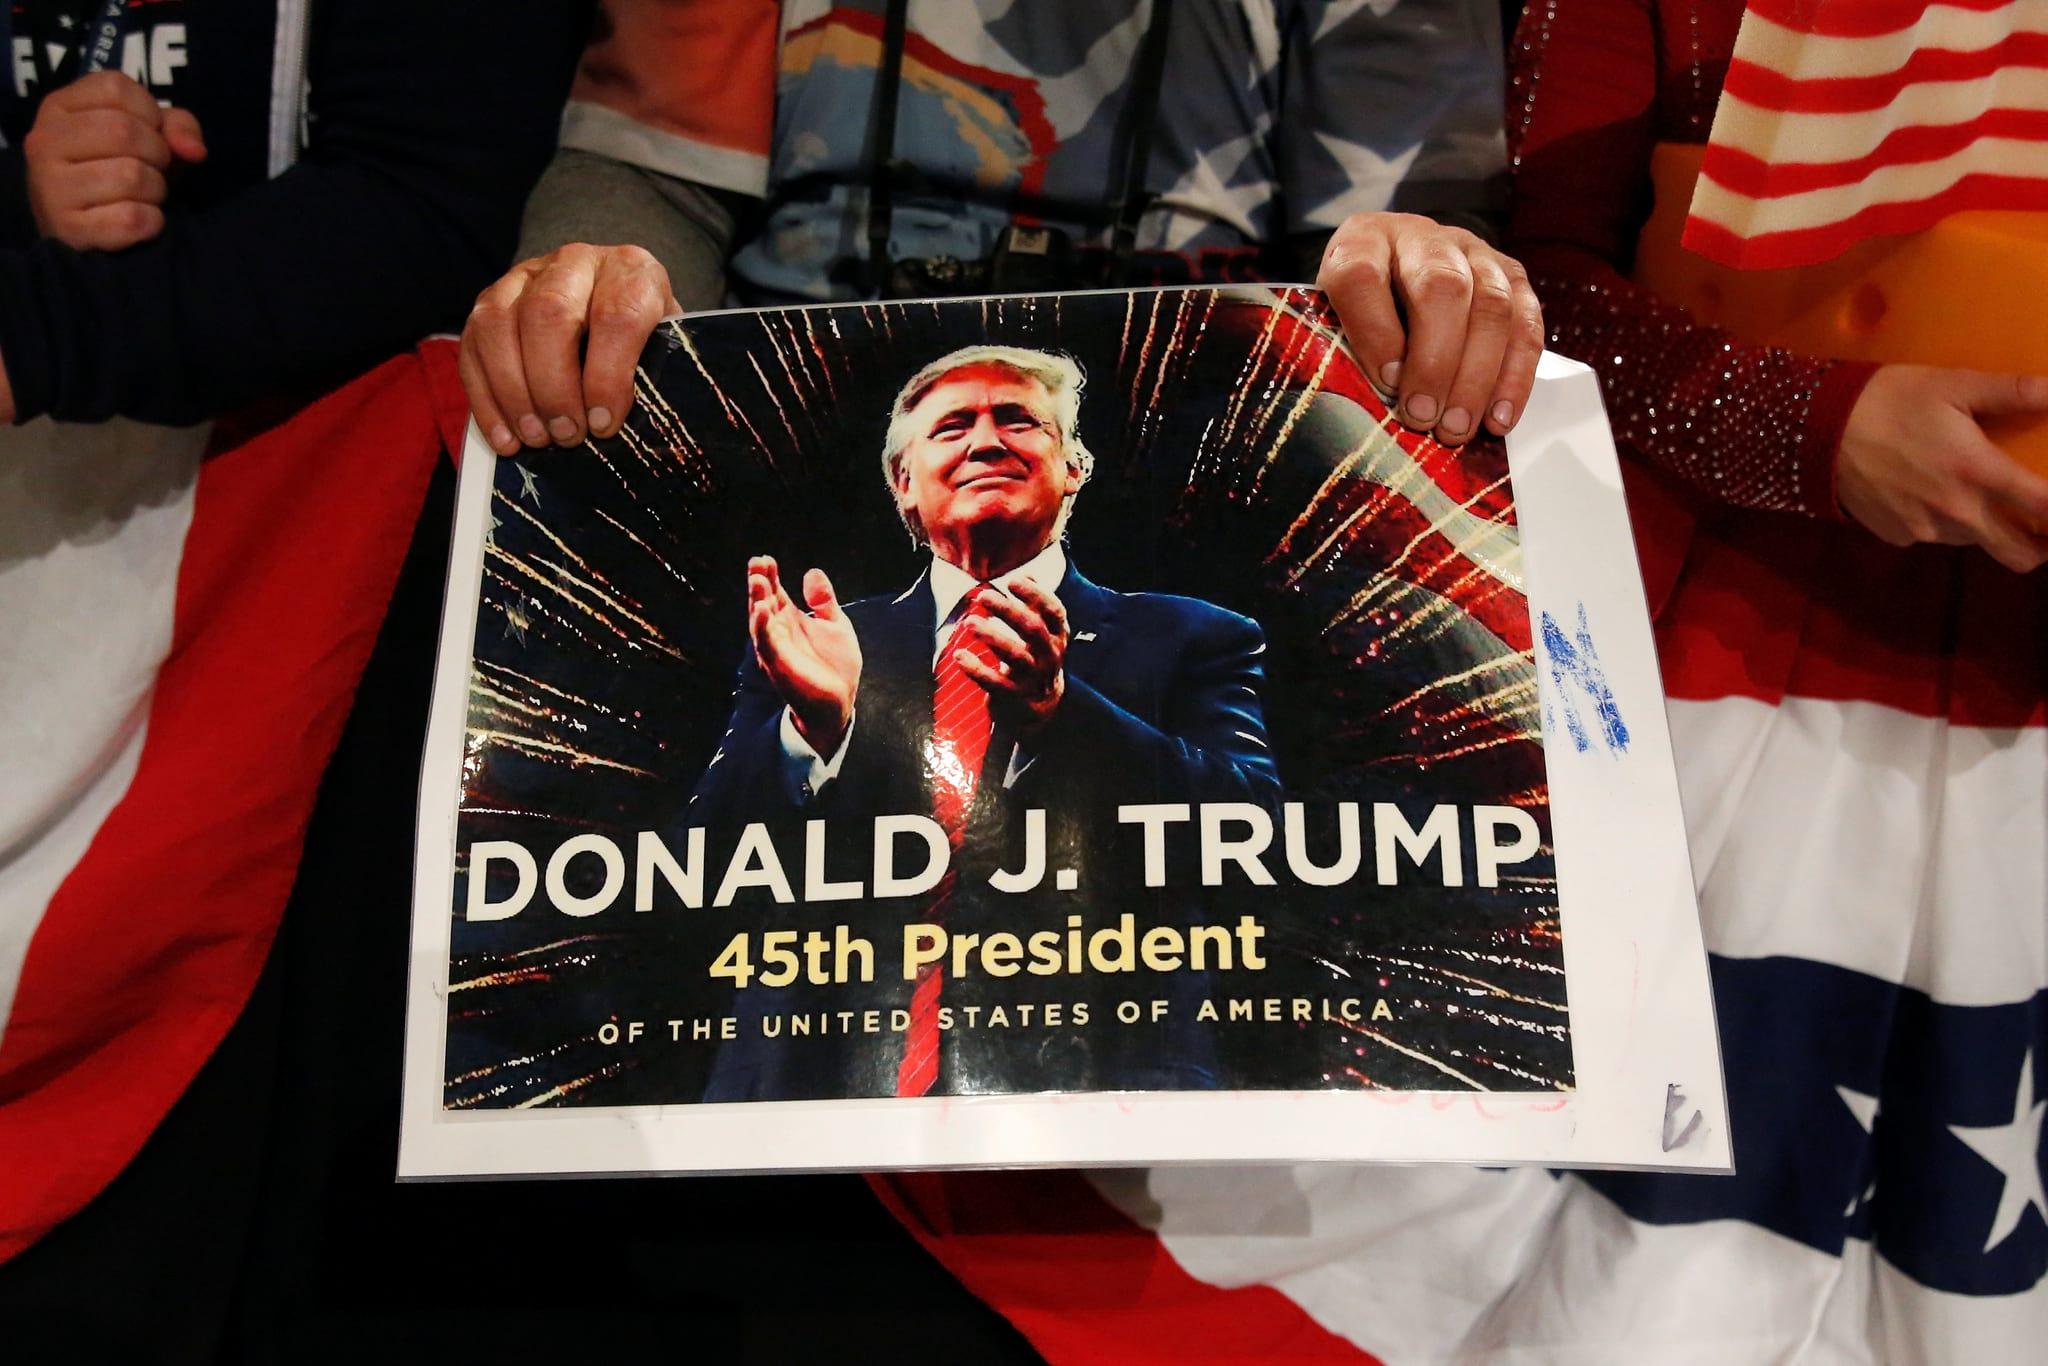 PÚBLICO - Congresso dos EUA quer inquérito sobre mão da Rússia na eleição de Trump